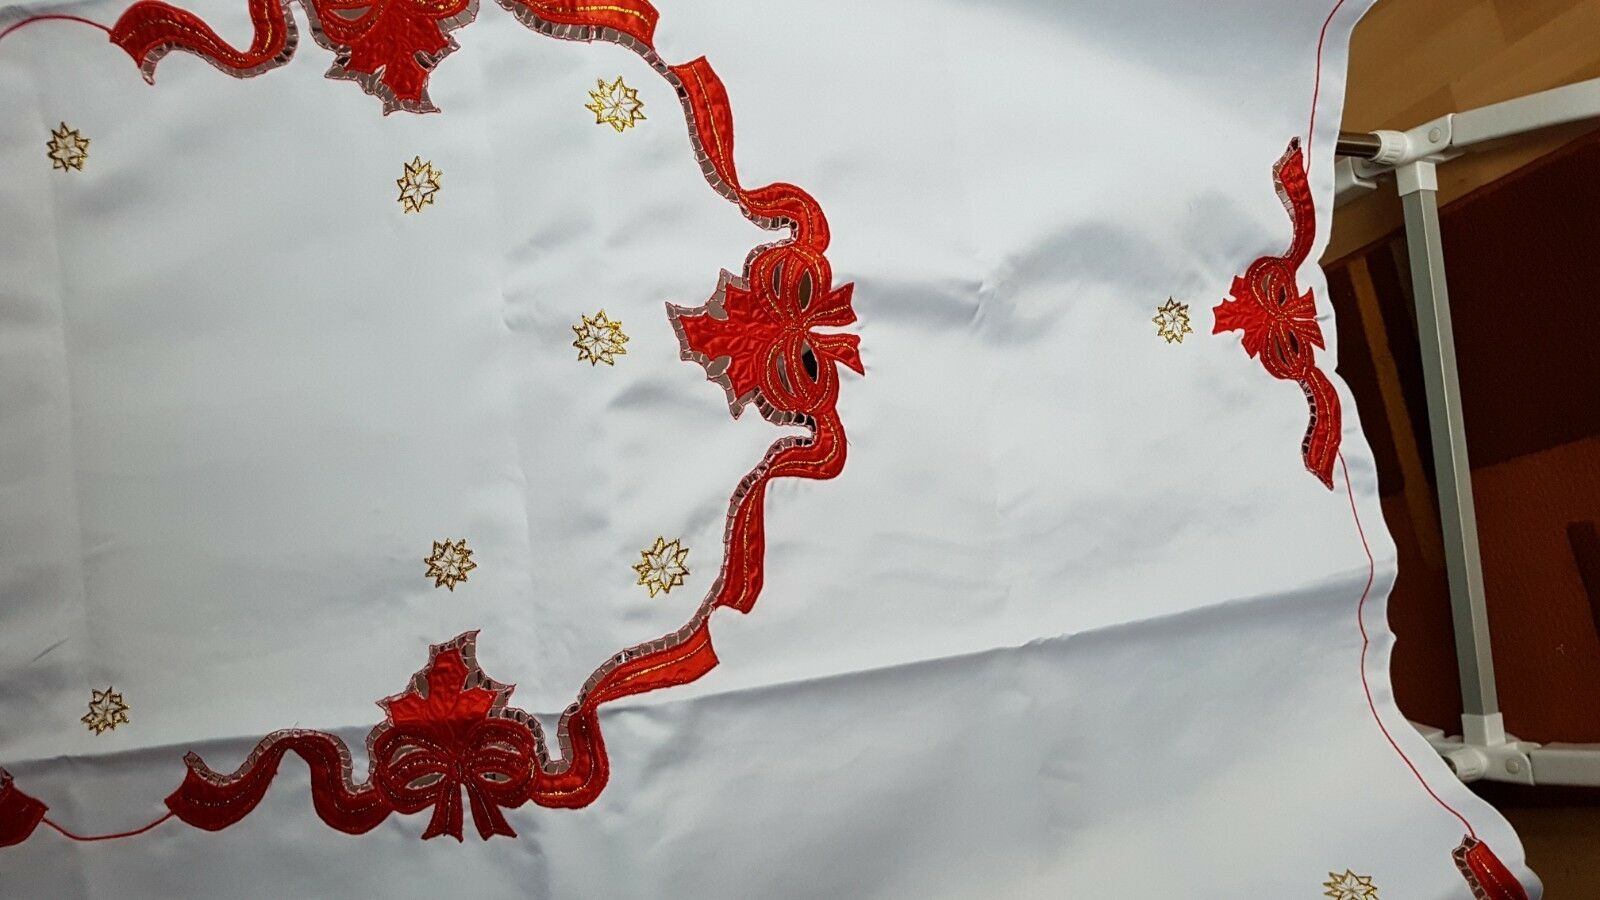 Weihnachtstischdecke+180 x 130 cm, rechteckig, +100 % Polyester,Lurex+NEU+TOP